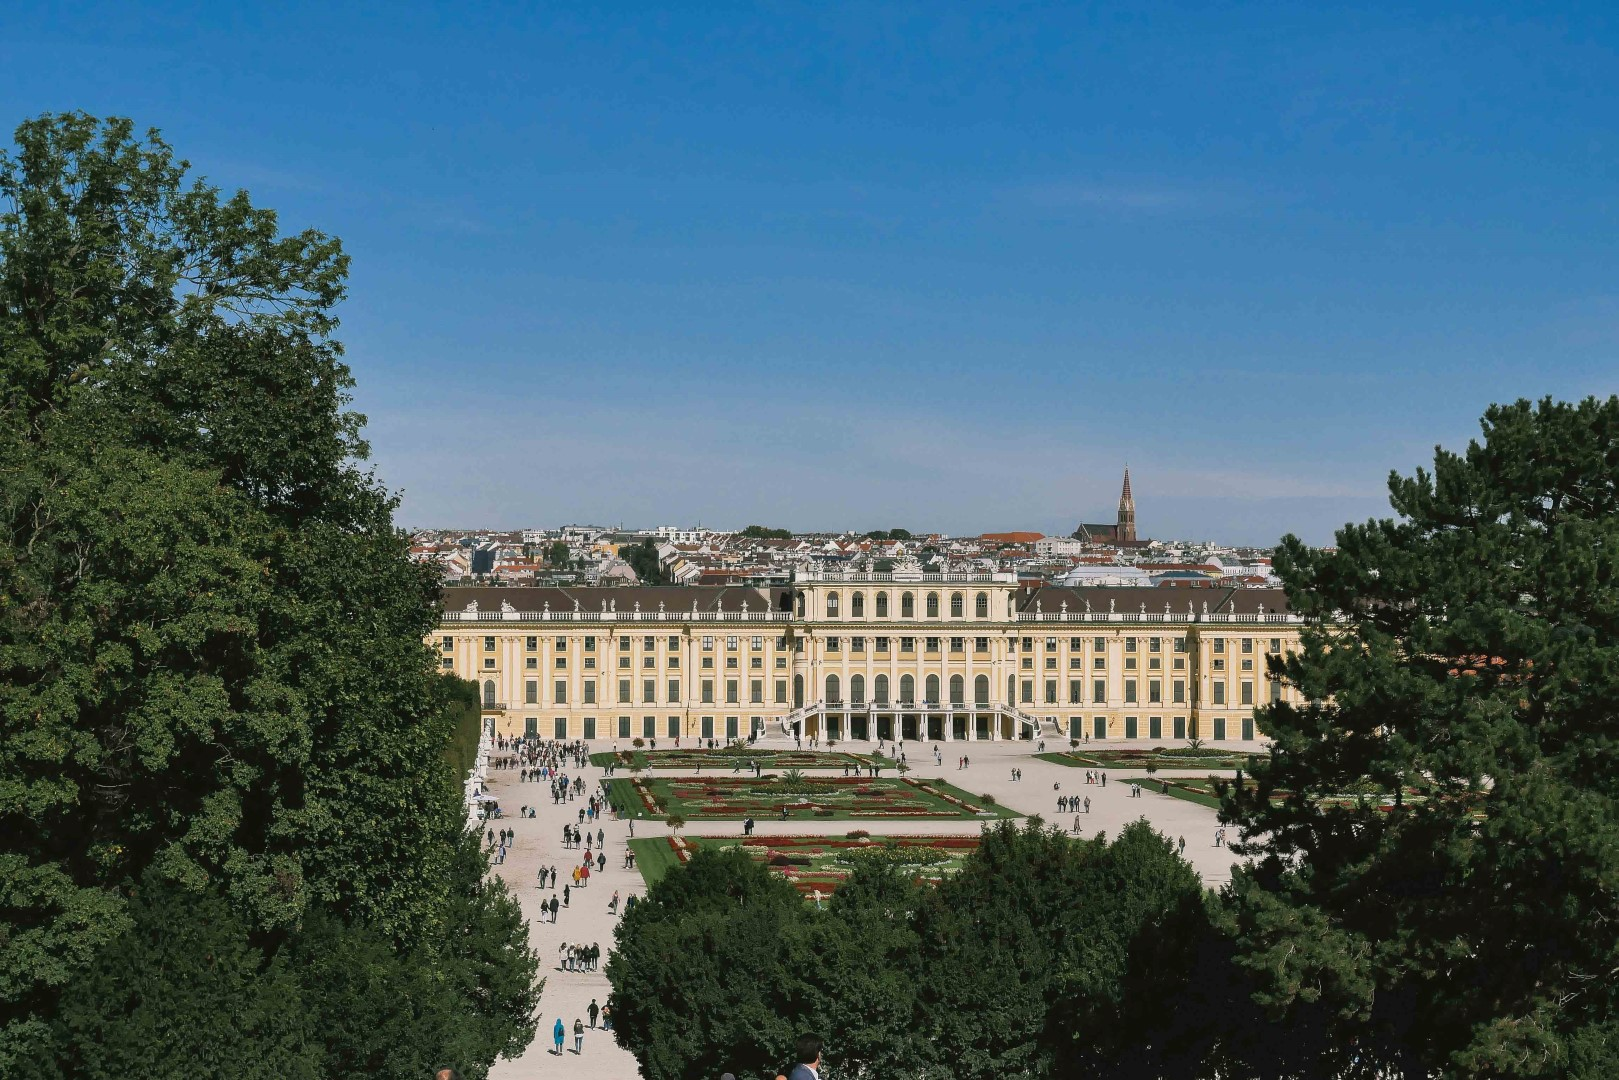 Details of Vienna, Austria.